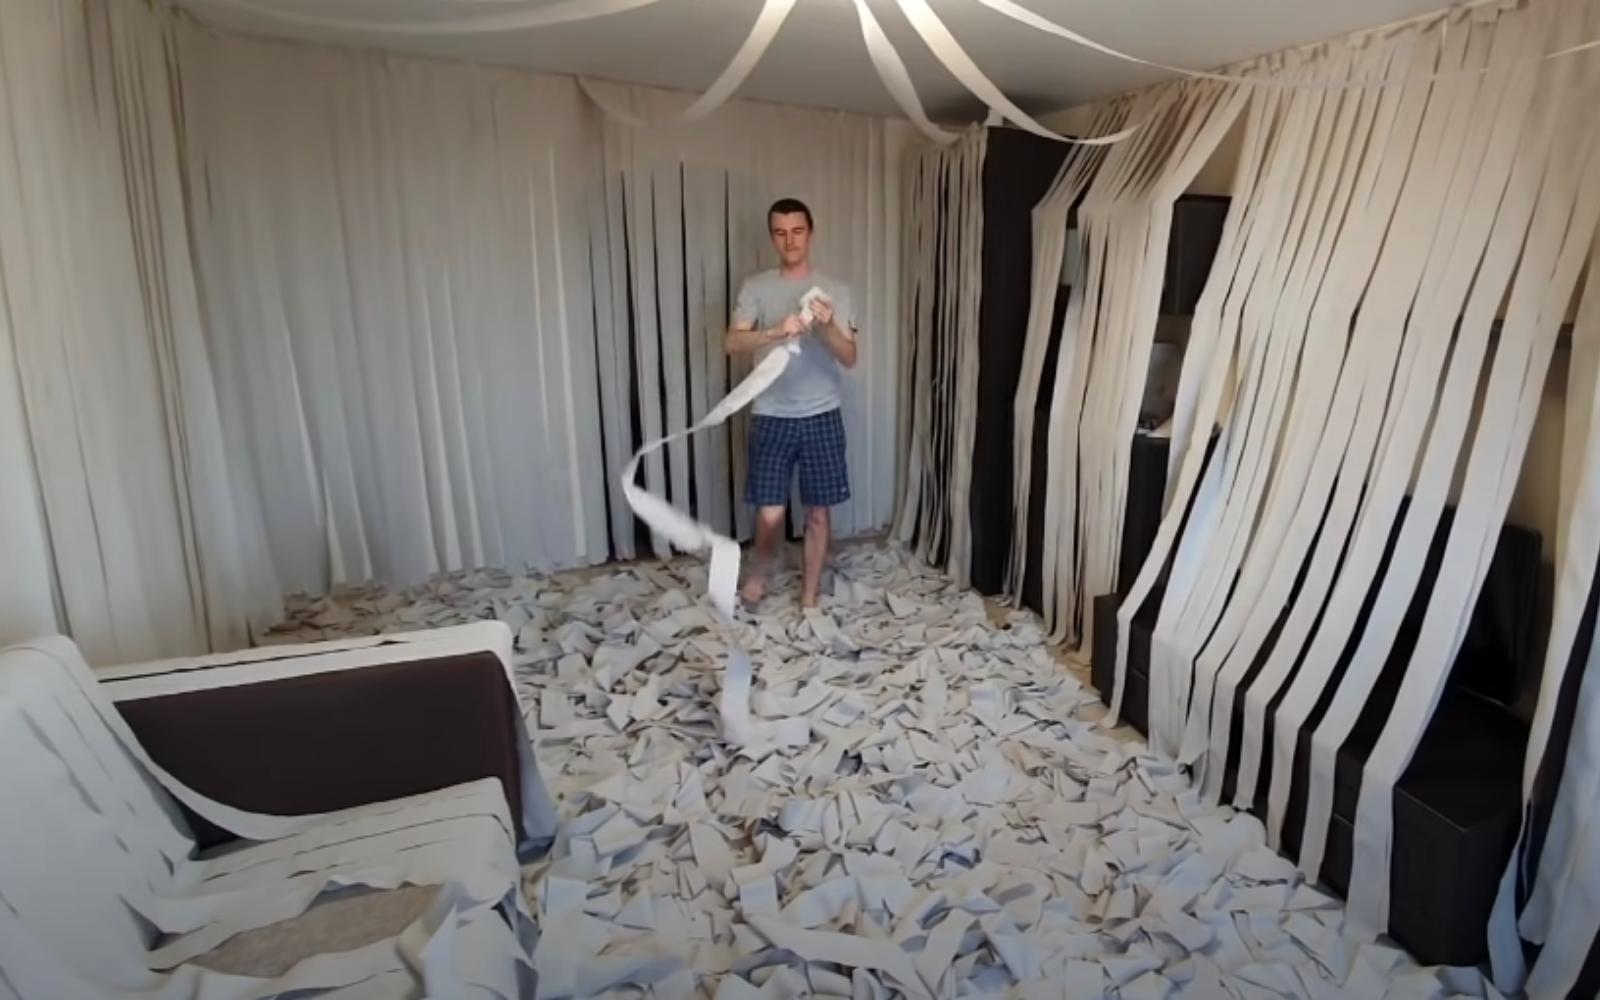 llenando la habitación de papel higiénico